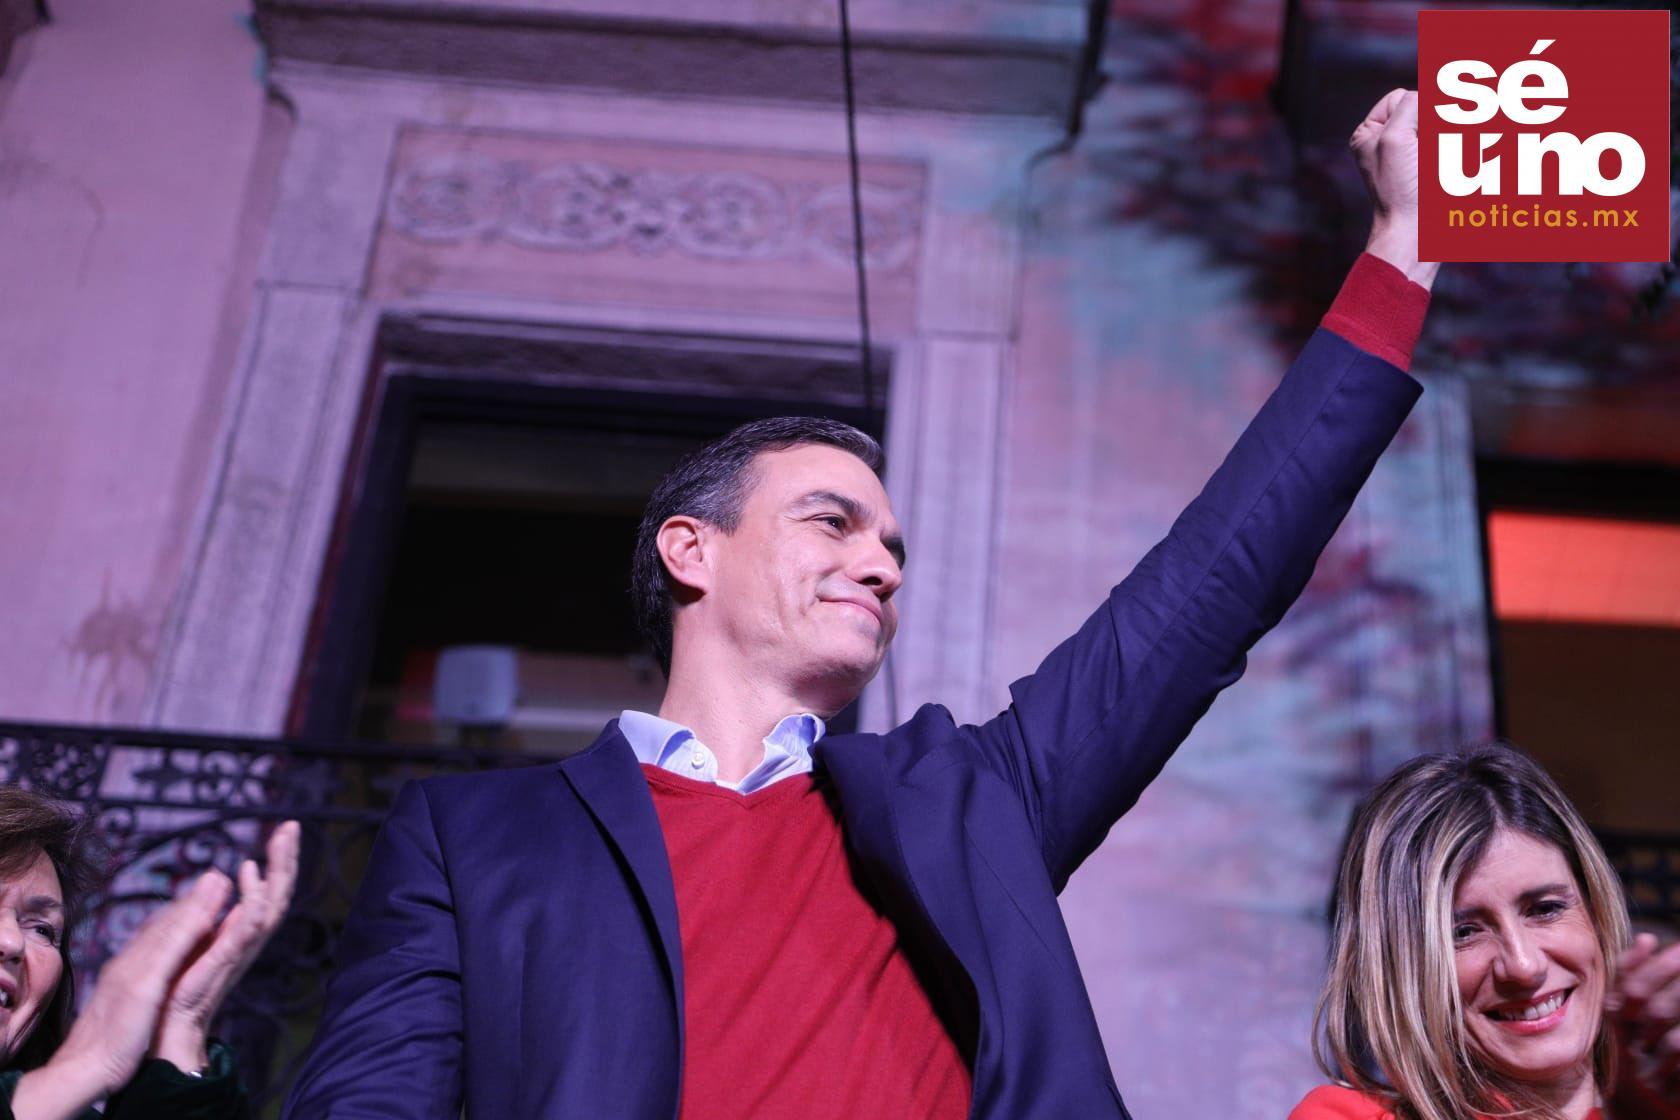 El candidato del Partido Socialista Obrero Español (PSOE) y presidente en funciones, Pedro Sánchez, ganó las elecciones generales de este domingo